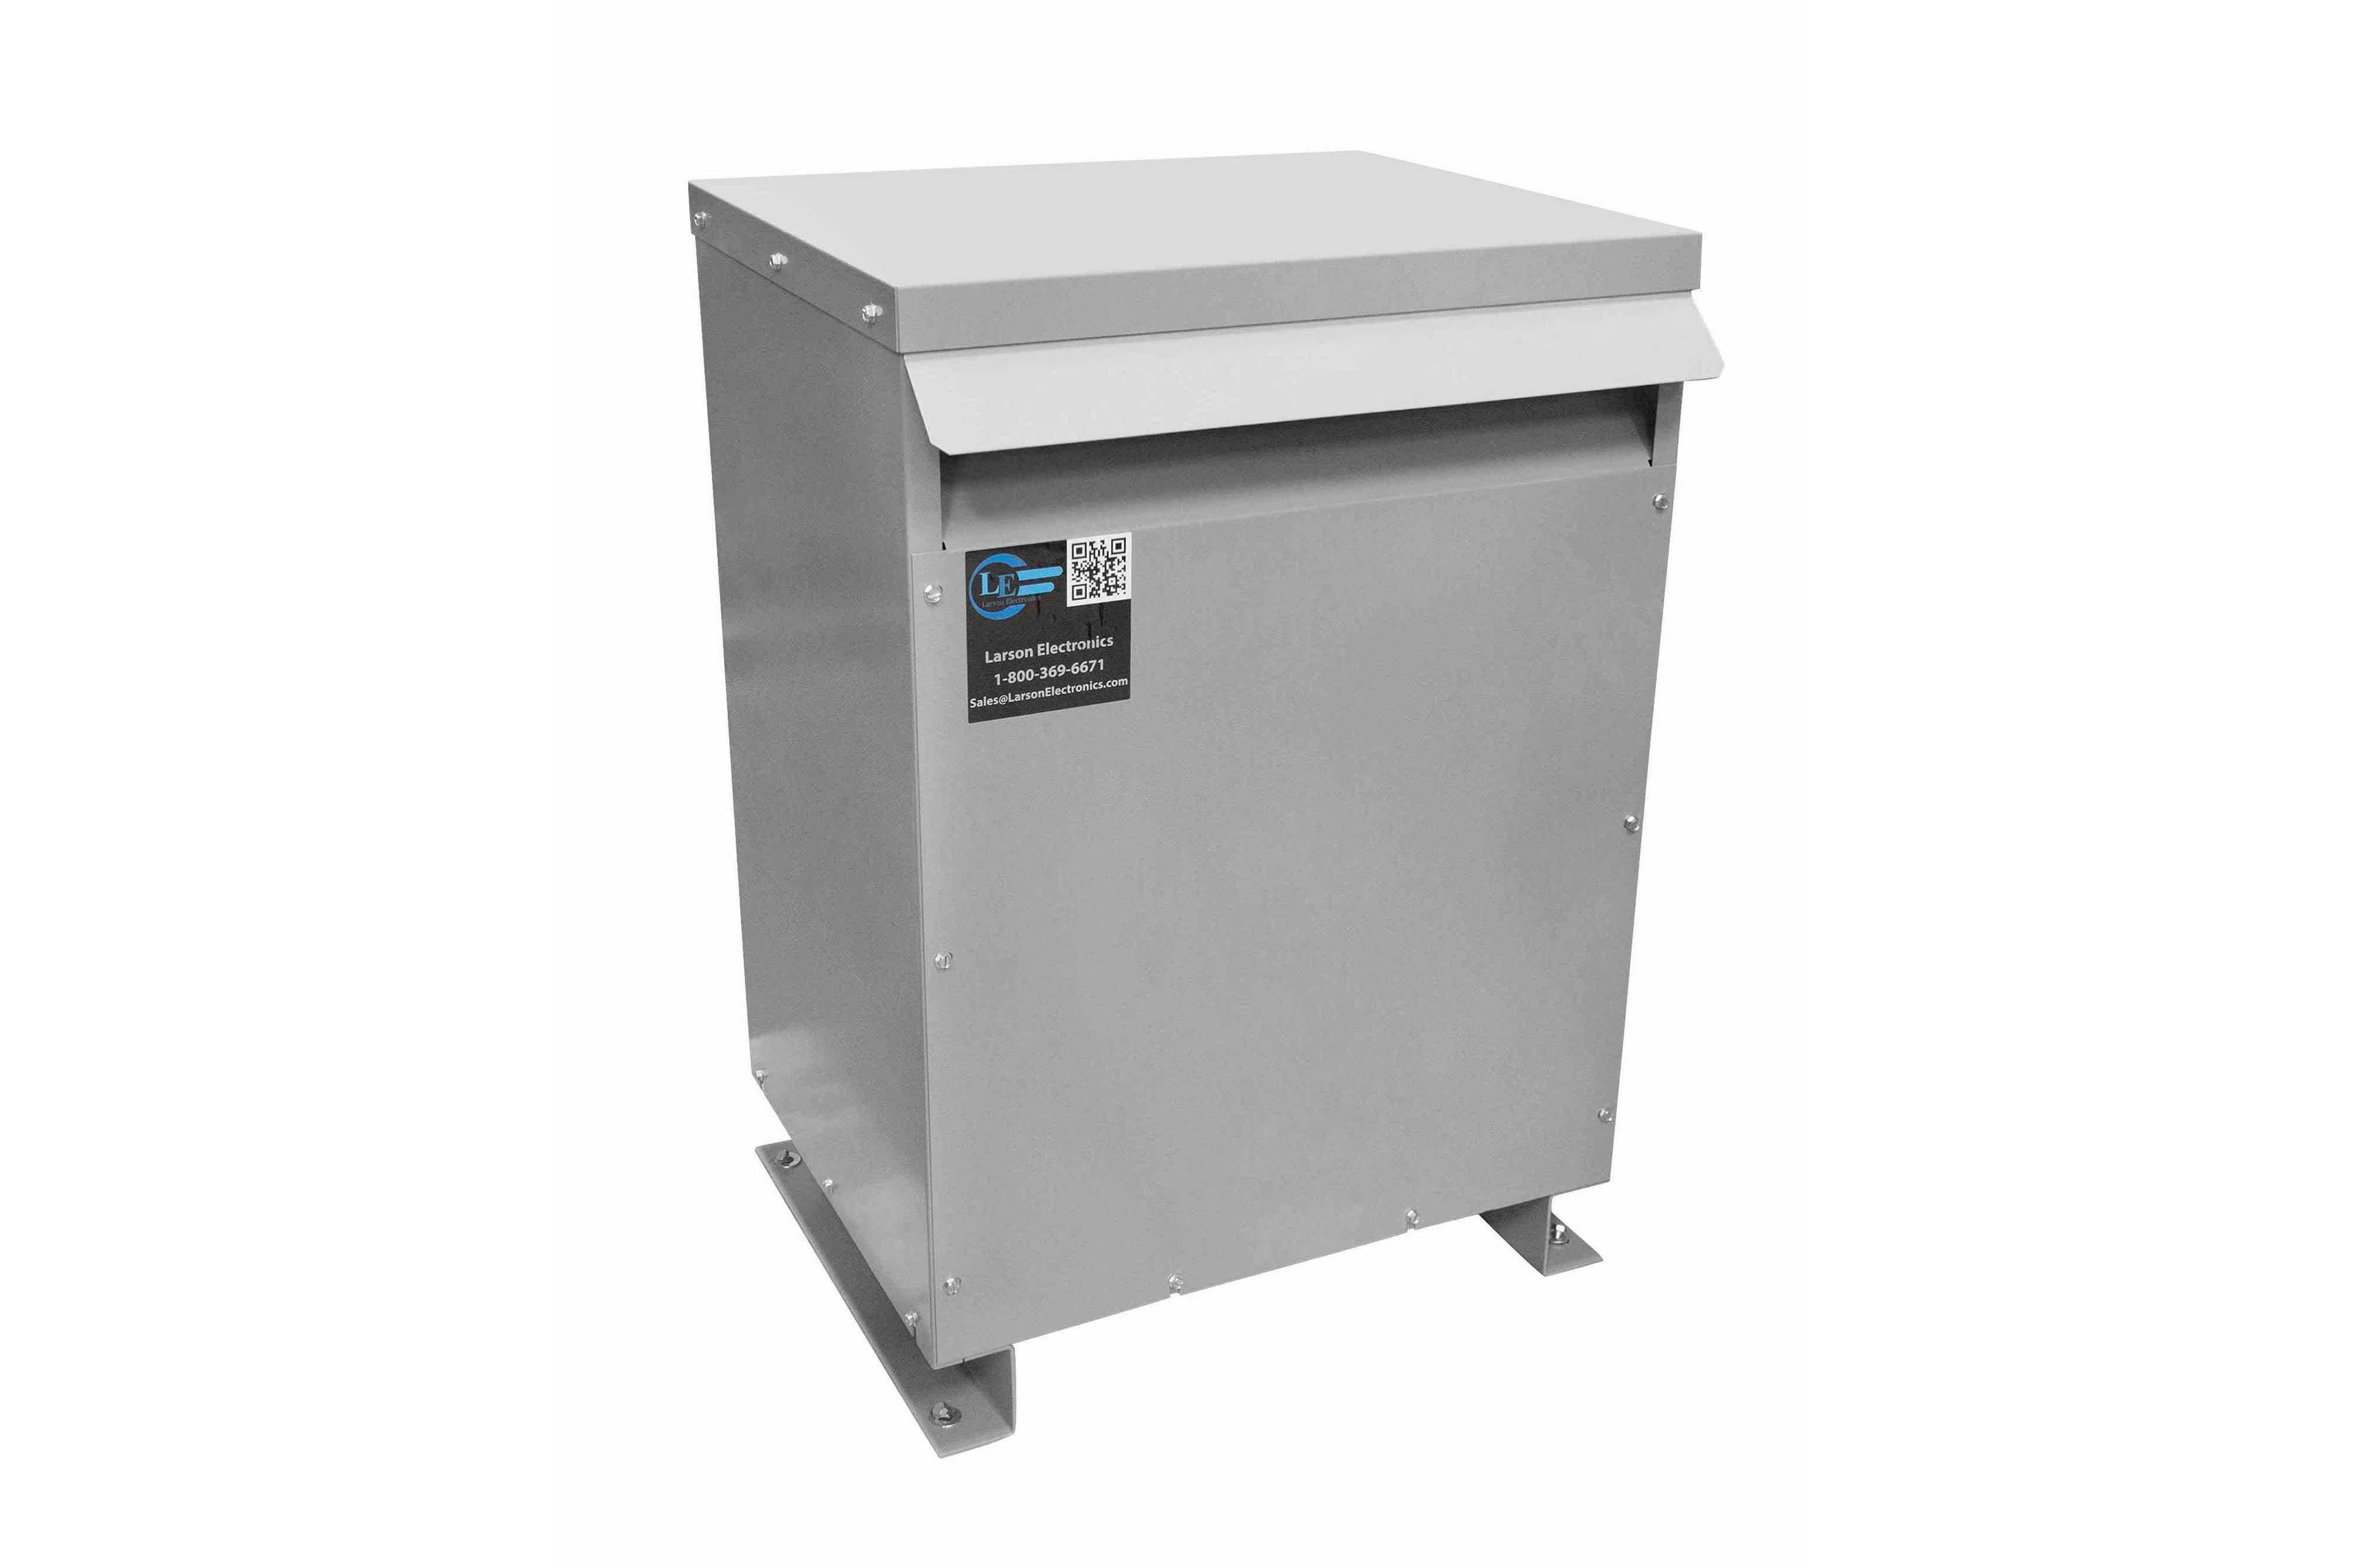 42.5 kVA 3PH Isolation Transformer, 600V Delta Primary, 208V Delta Secondary, N3R, Ventilated, 60 Hz